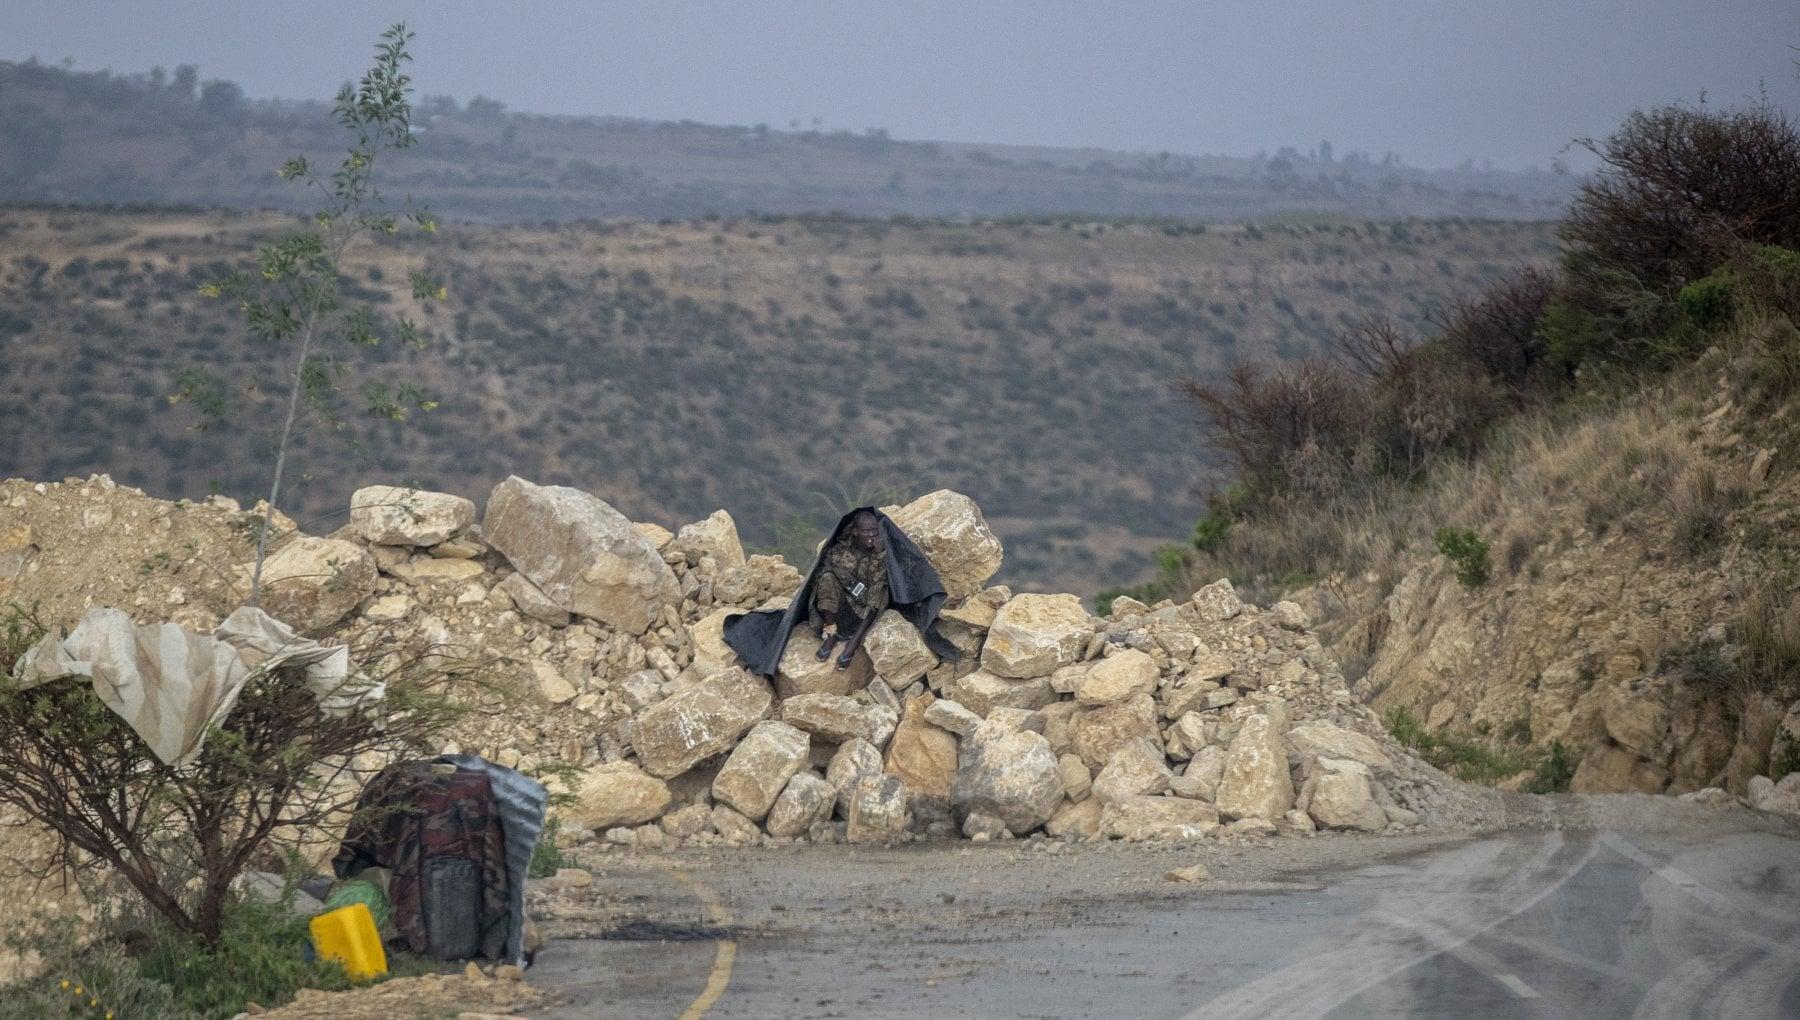 """135355380 ef38e385 66b4 464f aea4 4721f0a611da - Etiopia, l'appello di un villaggio del Tigray: """"Aiutateci, almeno 125 persone già morte di fame"""""""